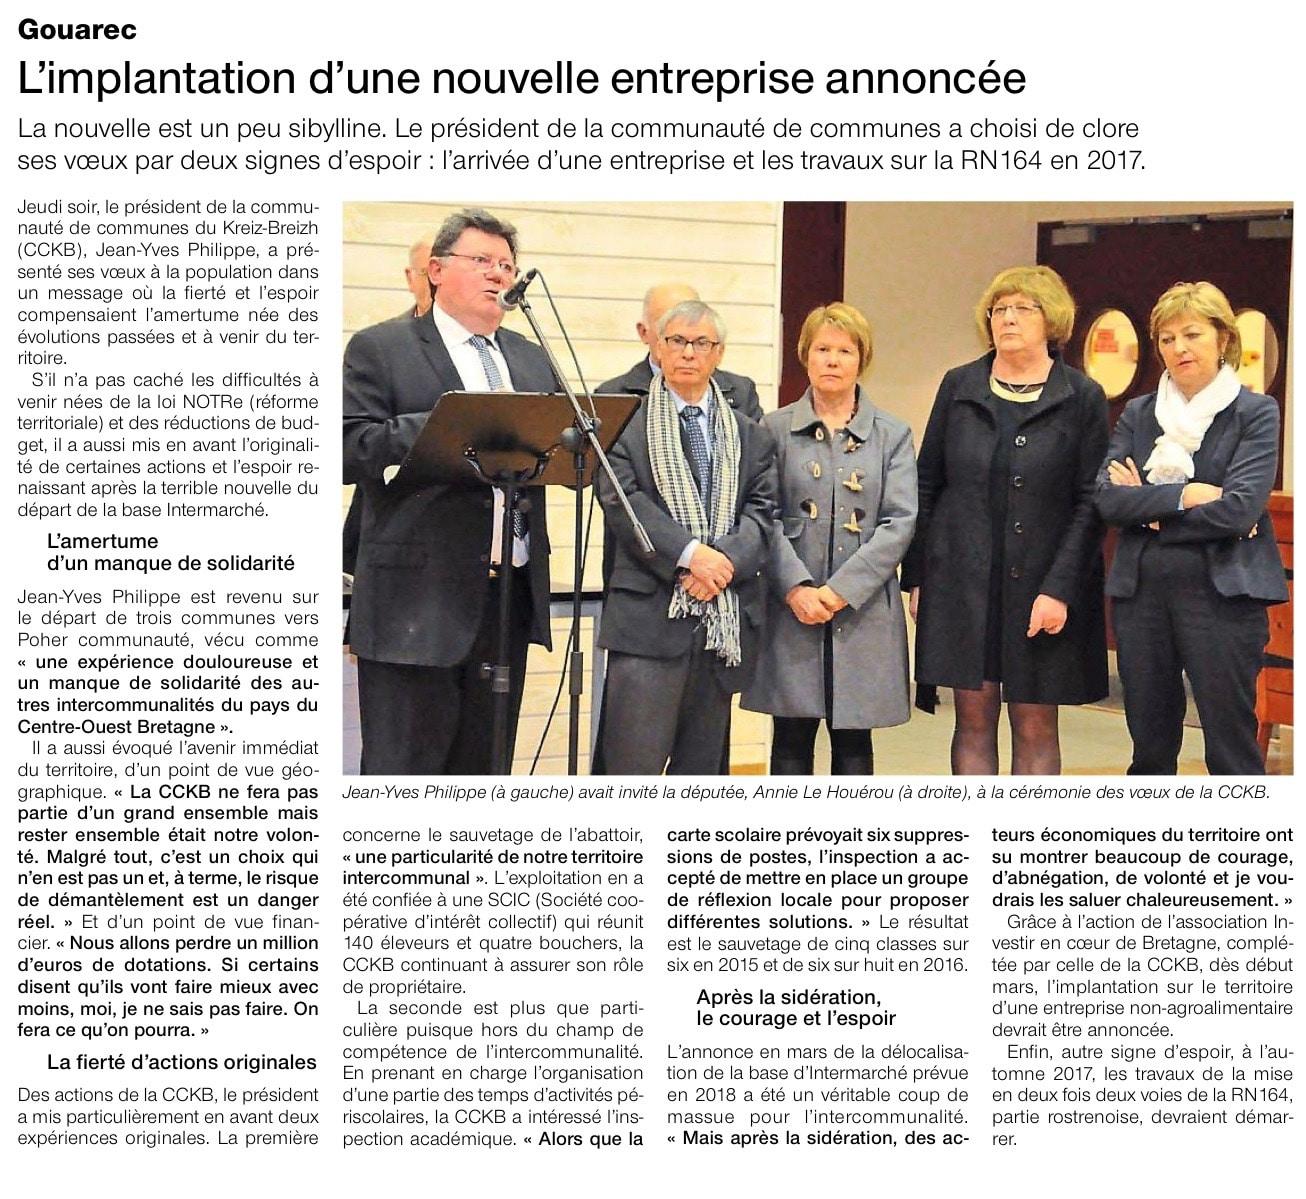 Communiqué de presse - L'implication d'une nouvelle entreprise annoncée - Ouest France